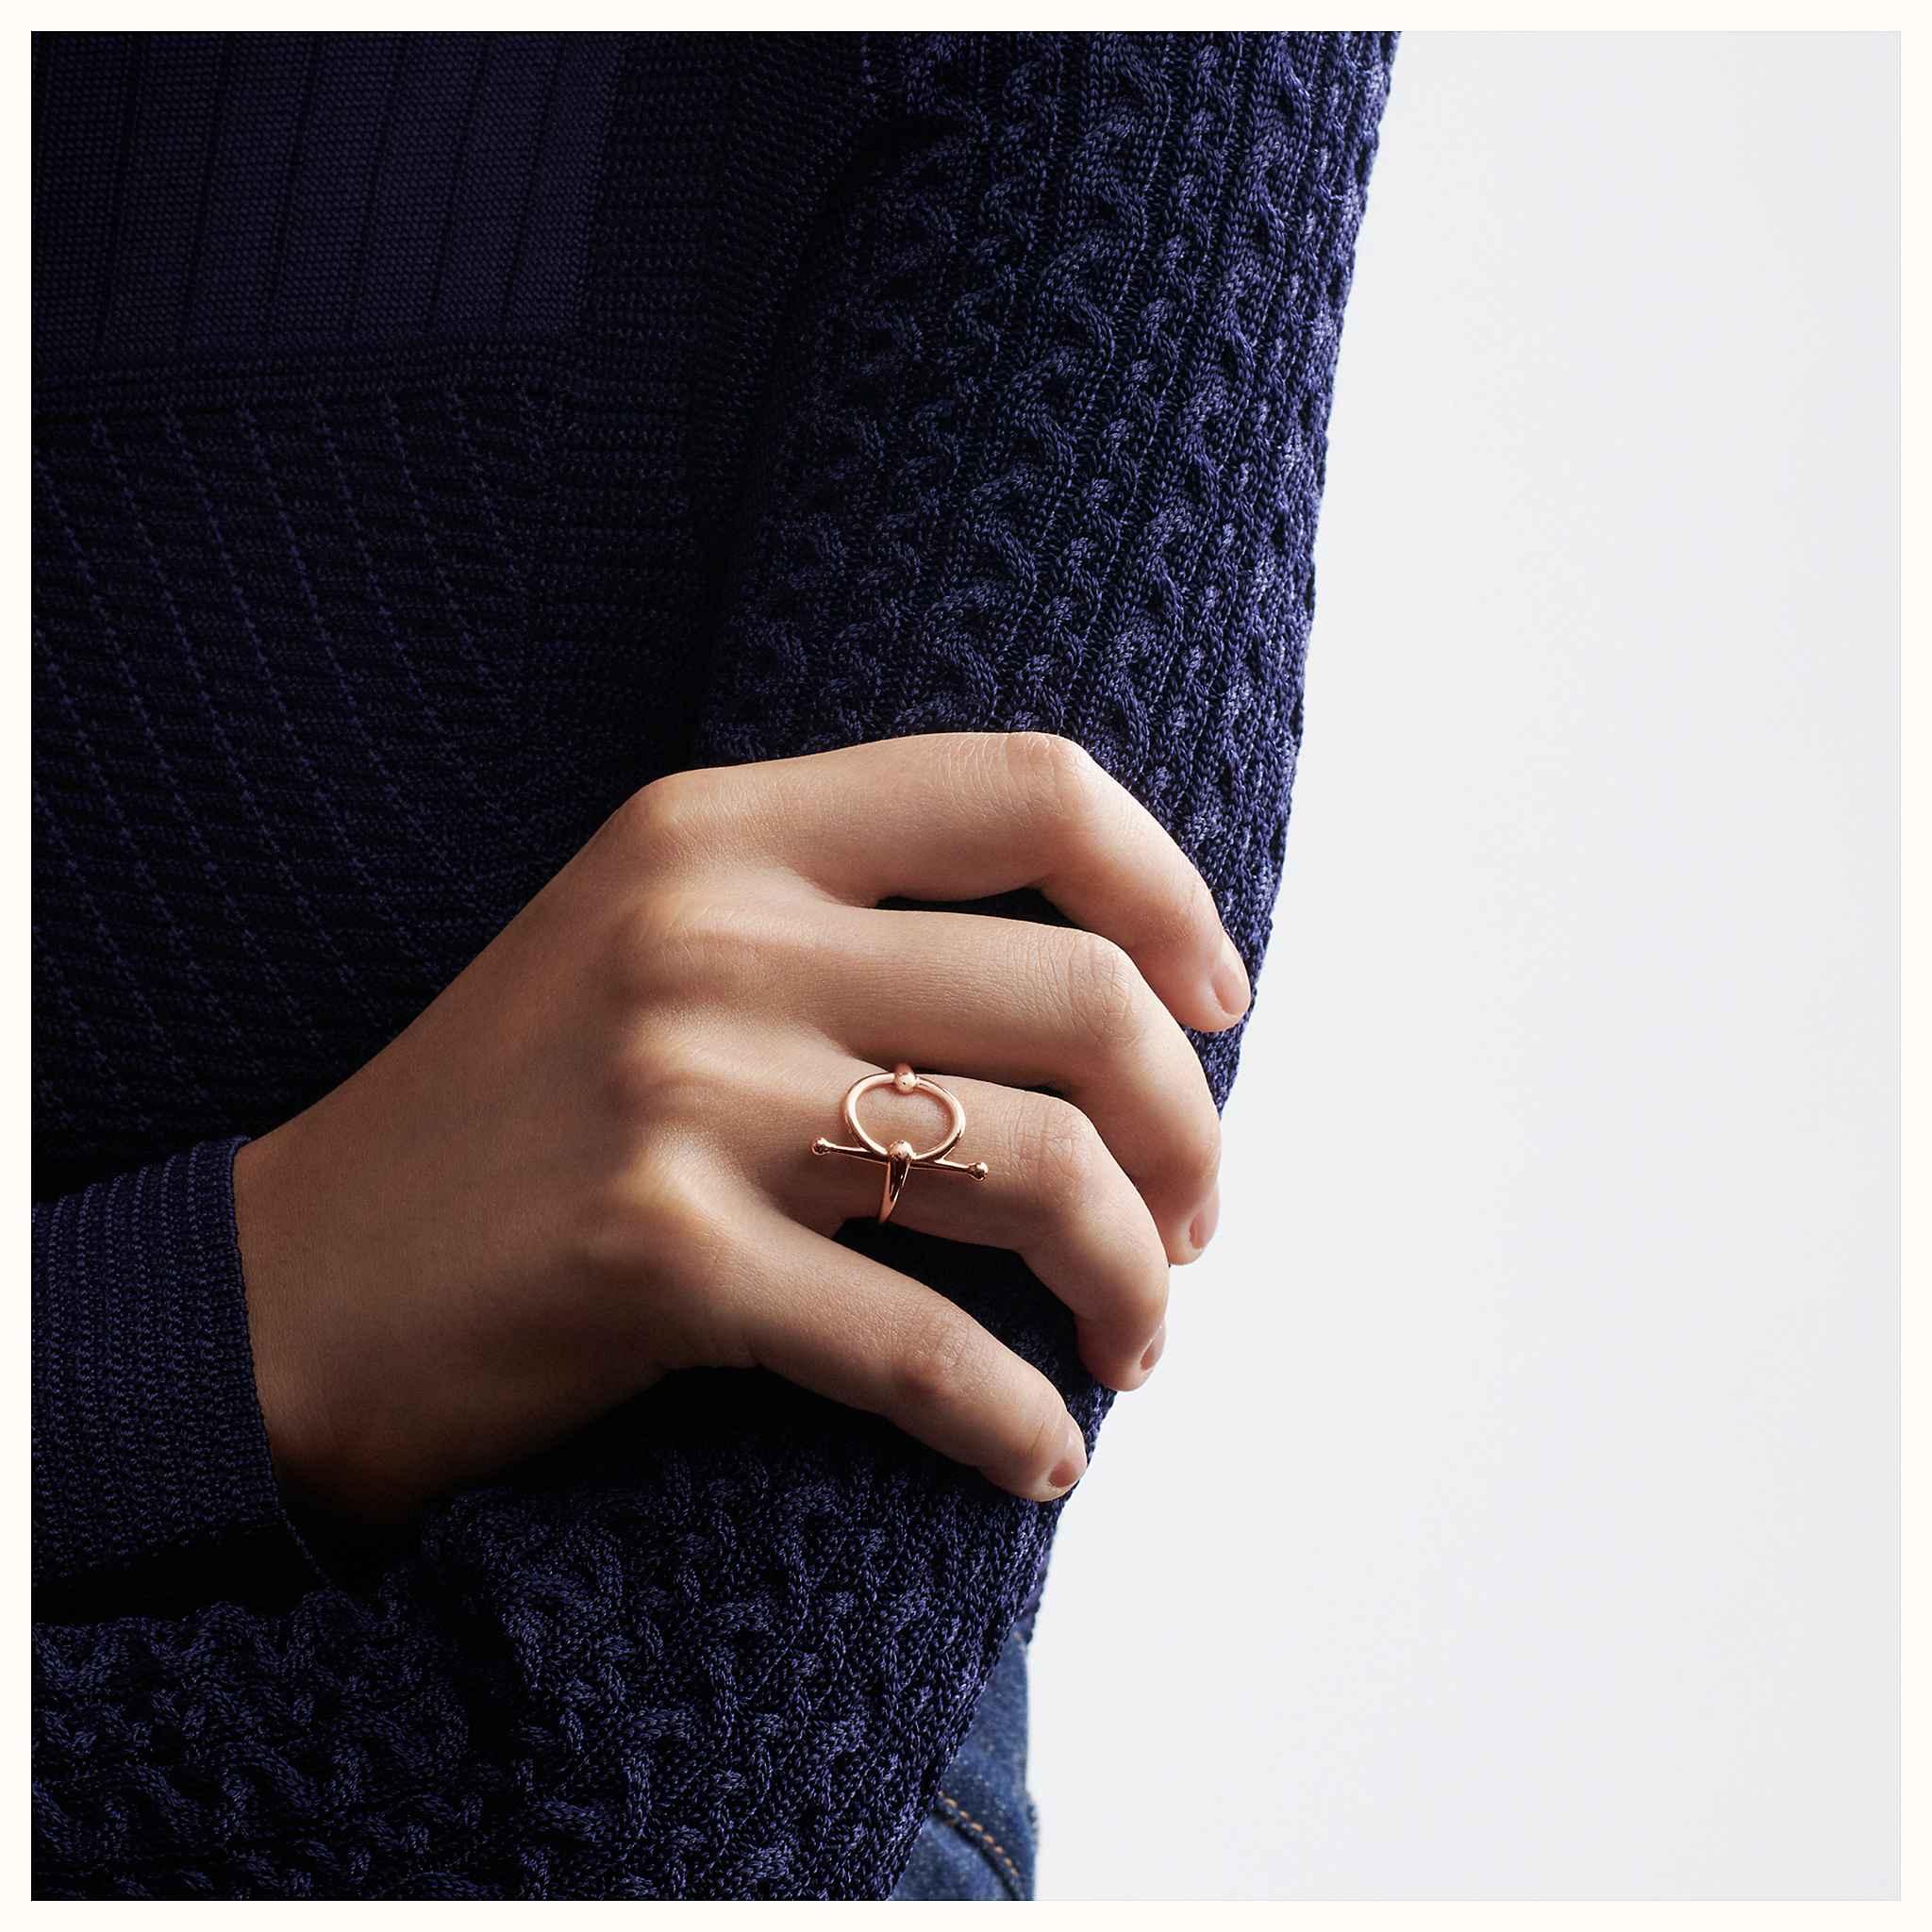 Bague Filet d Or, petit modèle   Hermès 7e887d4b6a4